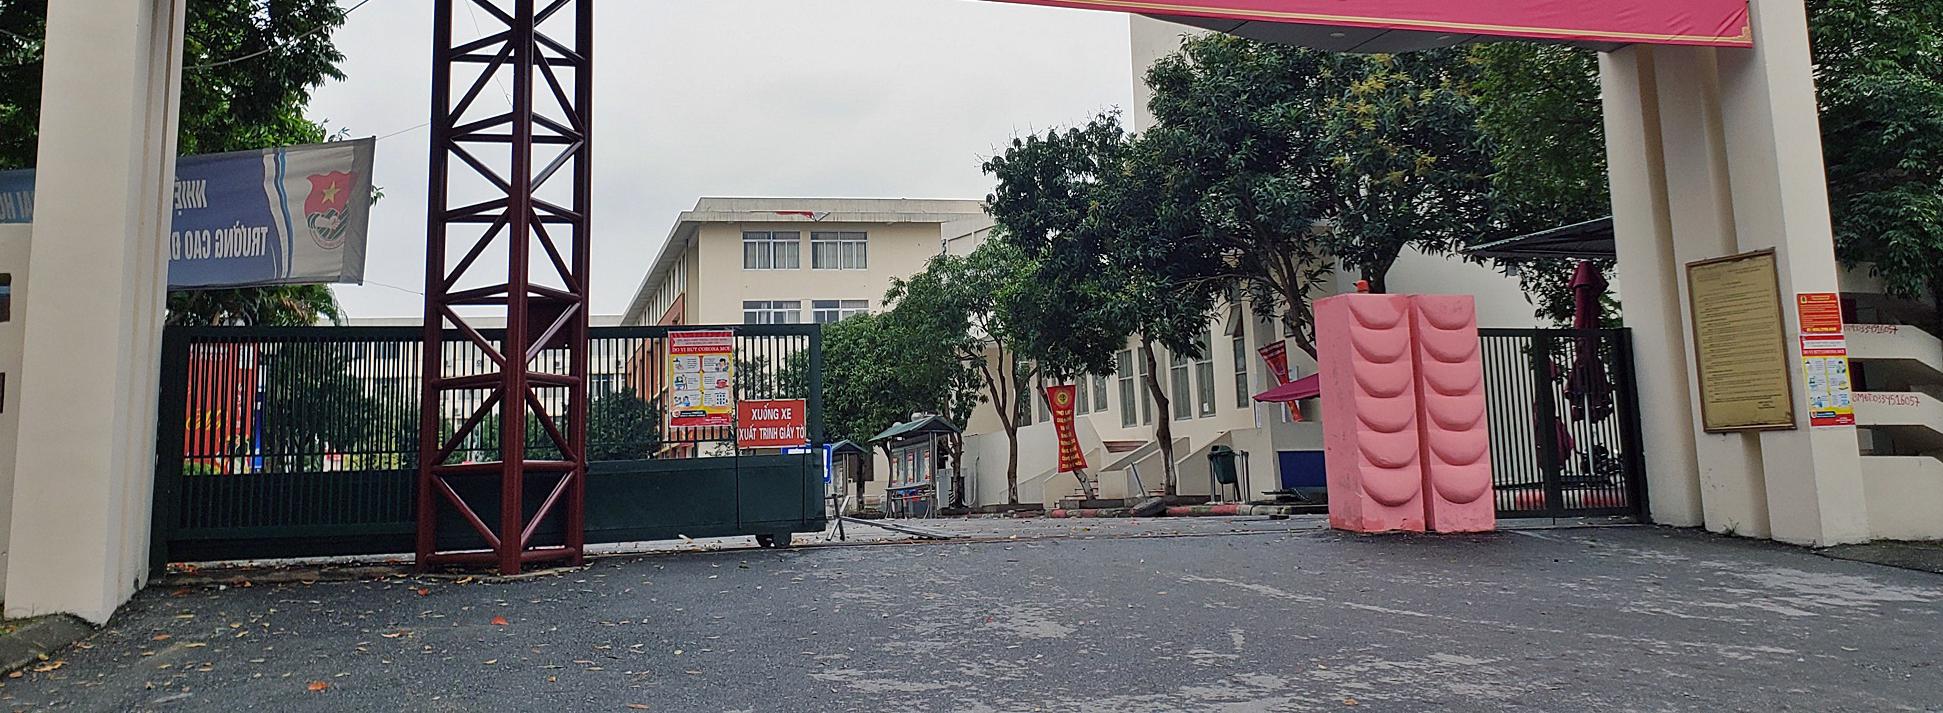 Cận cảnh khu cách li tập trung cho 800 người ở trường Cao đẳng nghề Công nghệ cao Hà Nội - Ảnh 12.